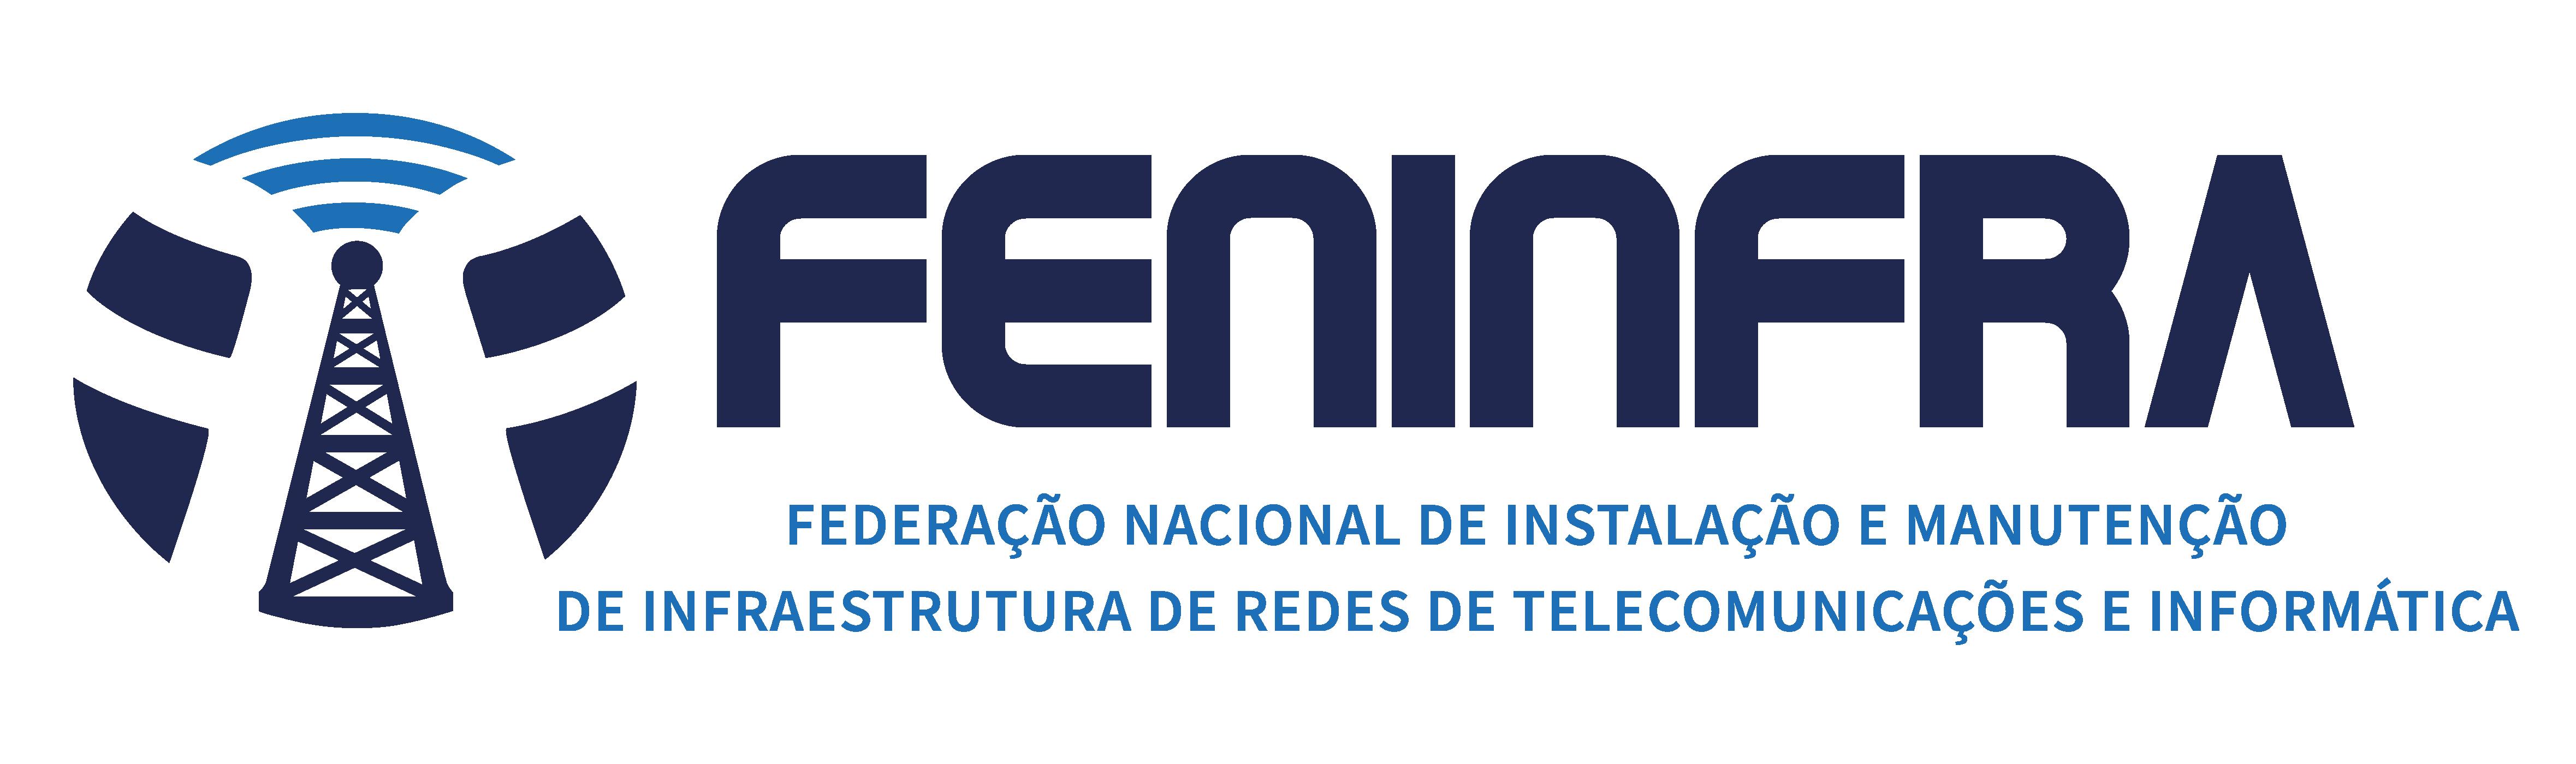 Federação Nacional de Instalação e Manutenção de Infraestrutura de Redes de Telecomunicações e de Informática.